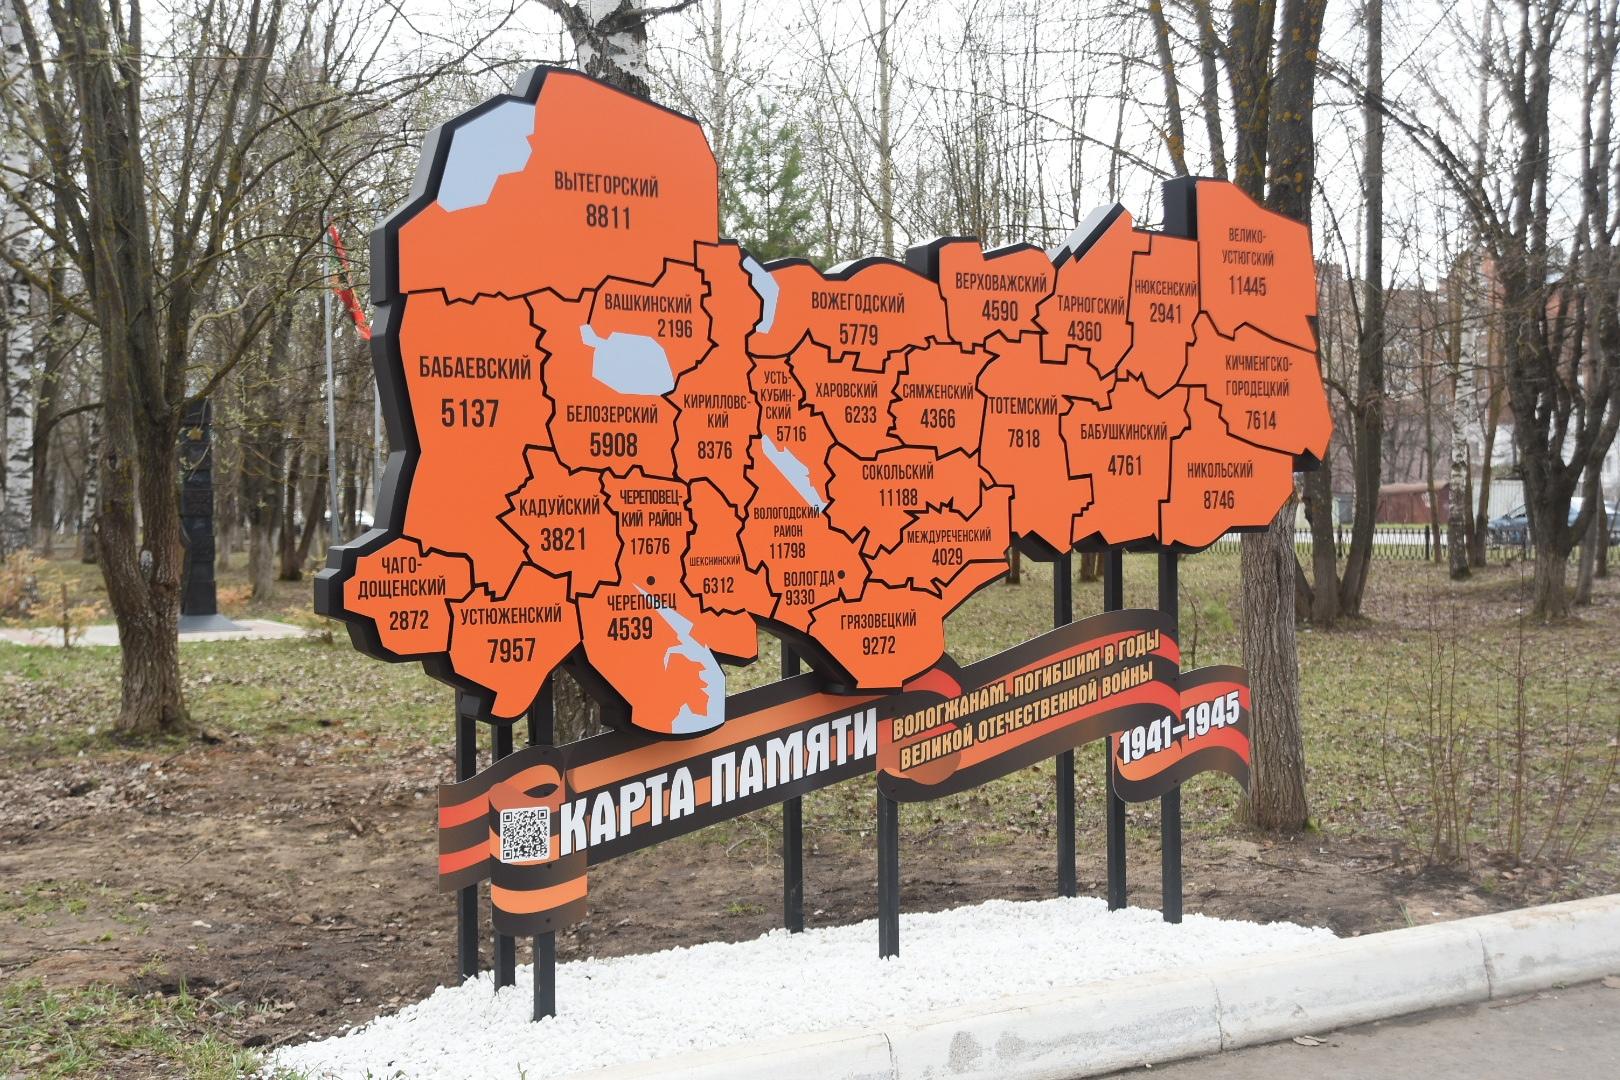 «Карту памяти» установили в парке Победы в Вологде